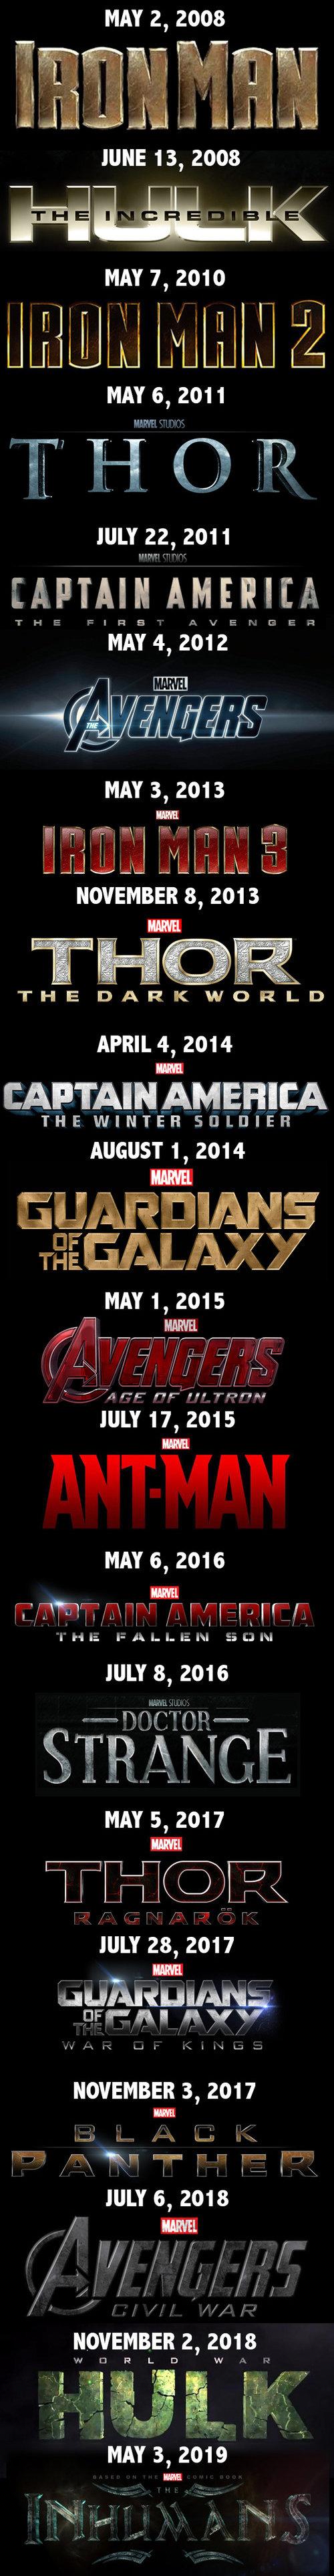 I love Marvel movies. . MAY 2, 2008 JUNE 13, 2008 MAY 7, 2010 MAY 6, 2011 JULY 22, 2011 MAY 3, 2013 NOVEMBER 8, 2013 APRIL 4, 2014 THE WINTER ] LI] IEH AUGUST 1